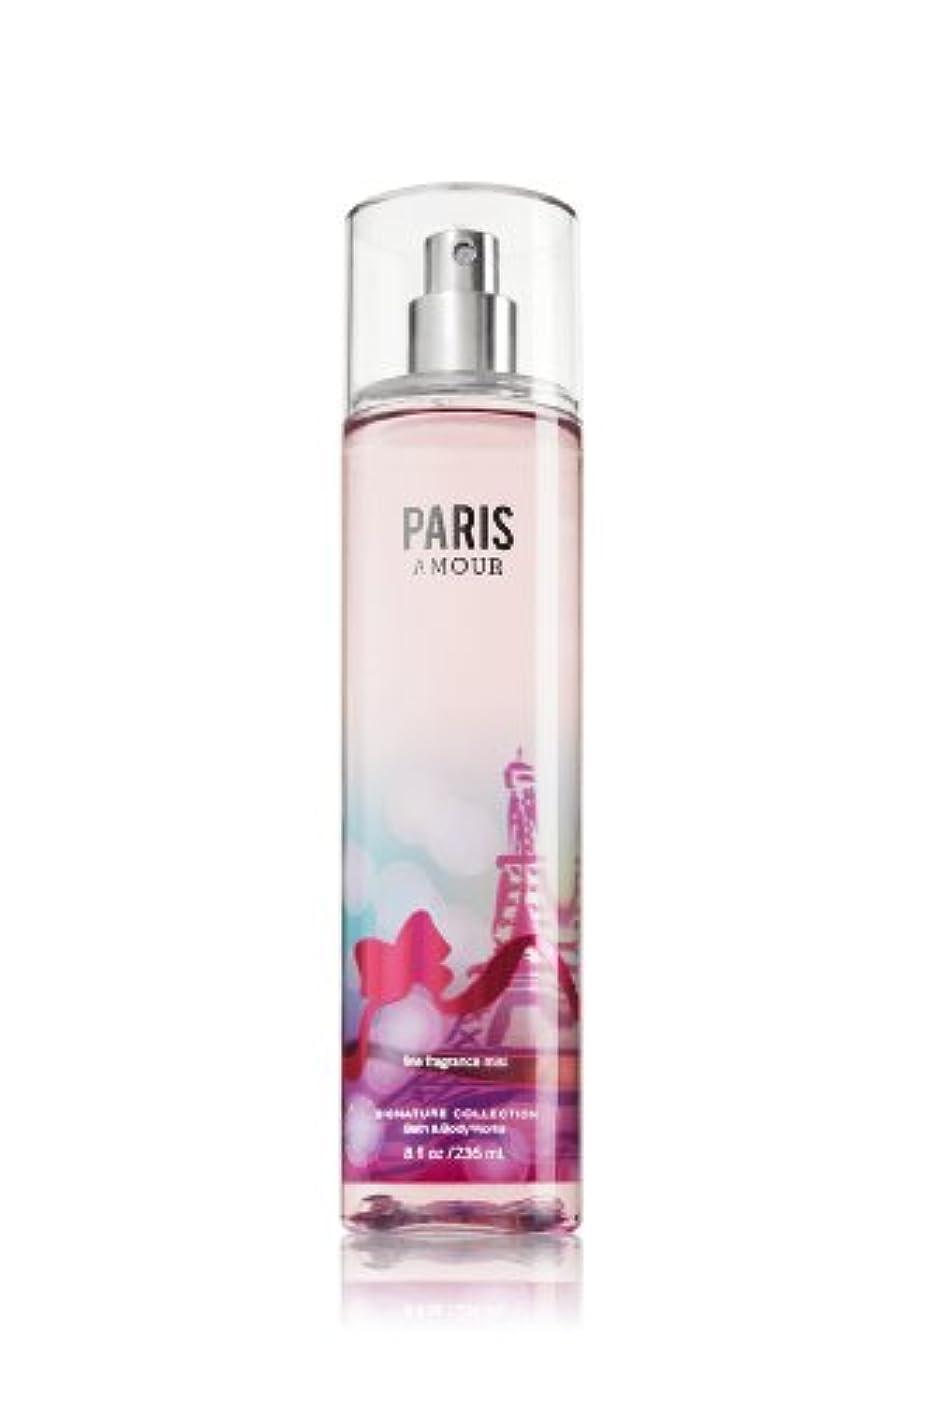 証明フロンティアボトルネック【バス&ボディワークス】 Fine Fragrance Mist/ファインフレグランスミスト Paris Amour [並行輸入品]